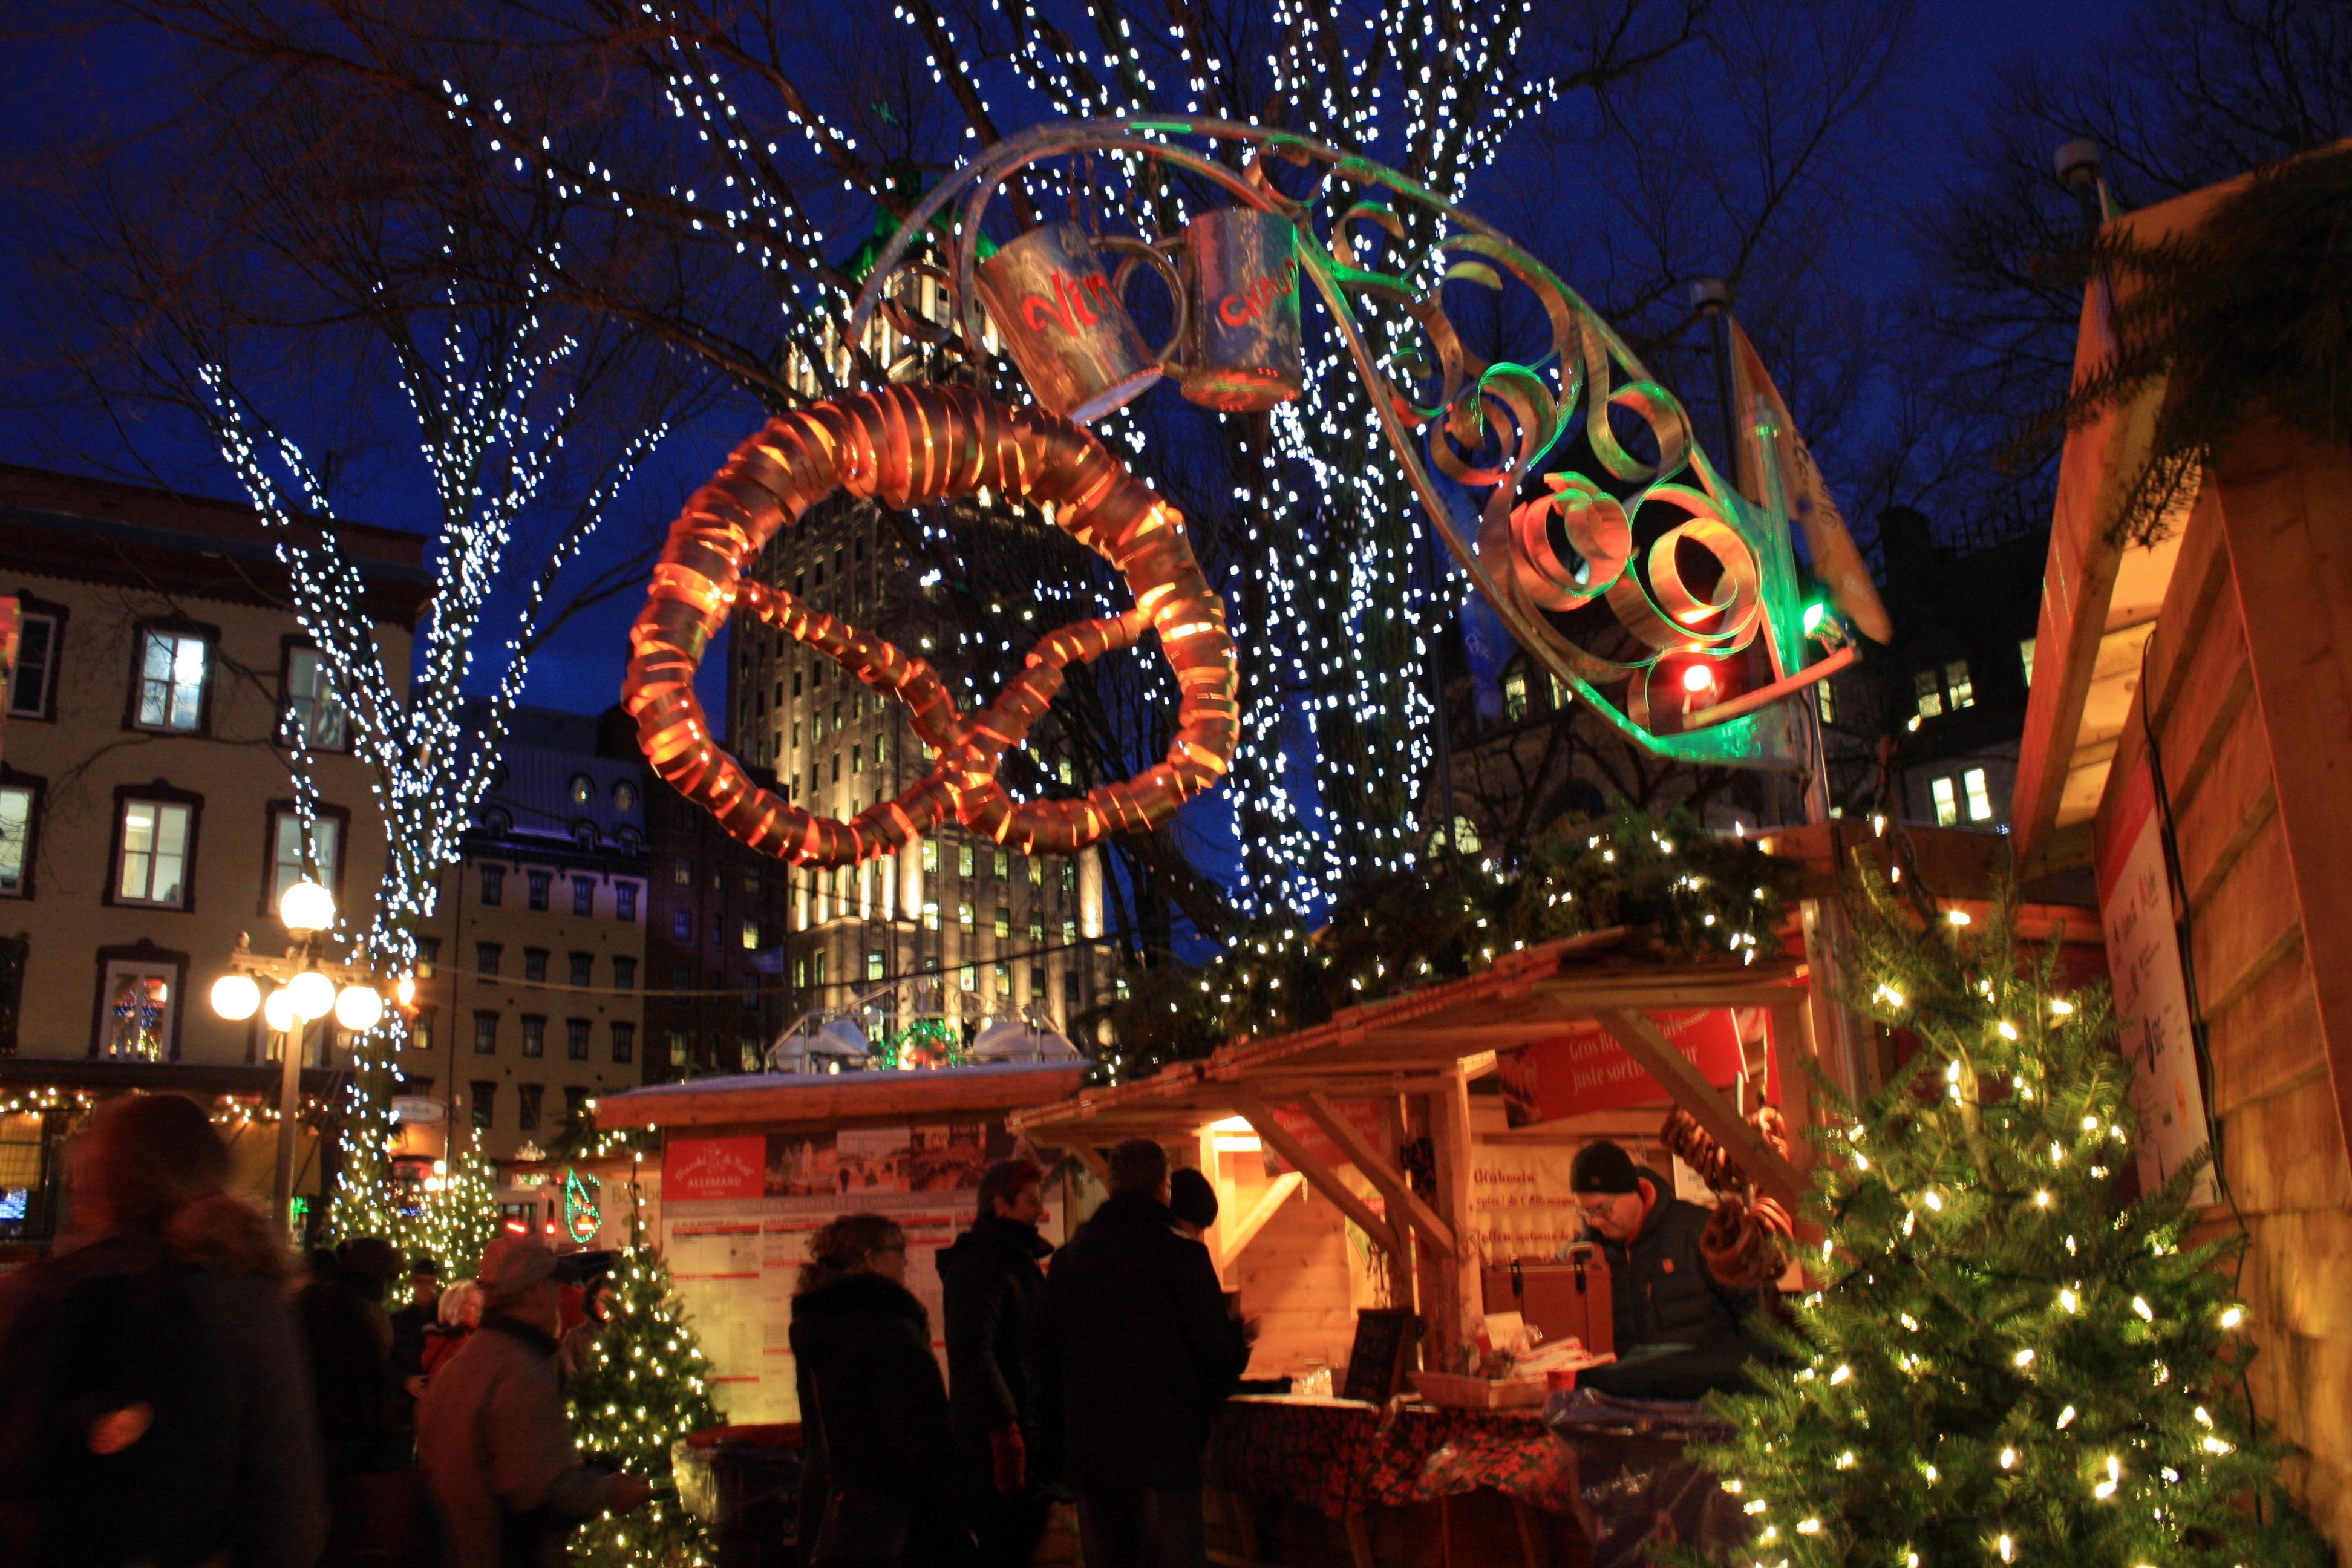 #AB3A20 Noël à Québec : La Blogueuse Vangabonde Nous Emmène 5327 decorations de noel au japon 3888x2592 px @ aertt.com